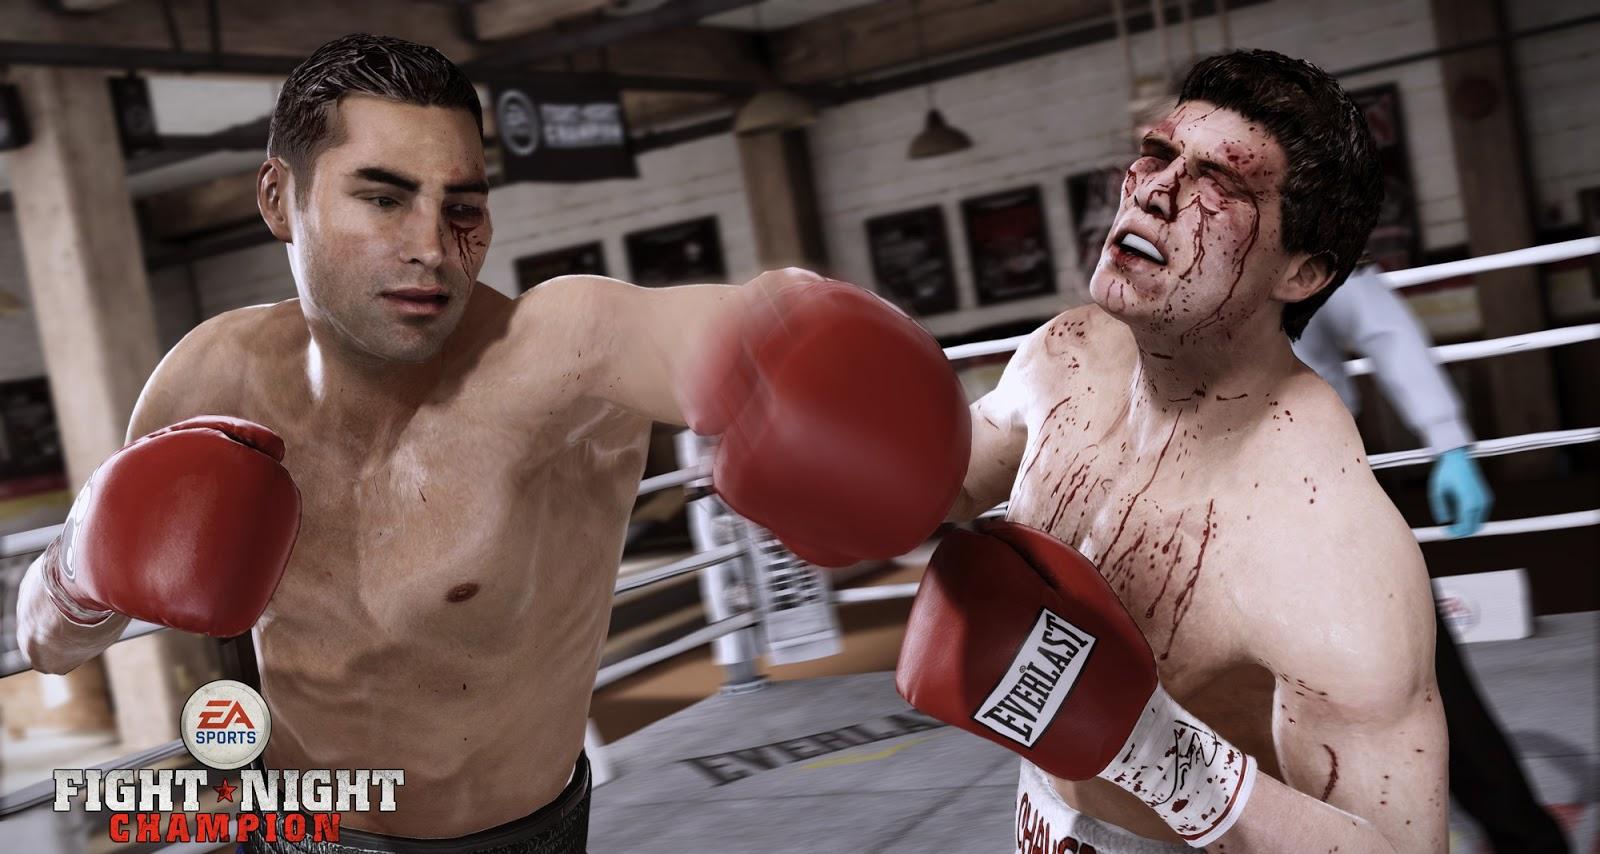 Fight night champions скачать торрент на пк